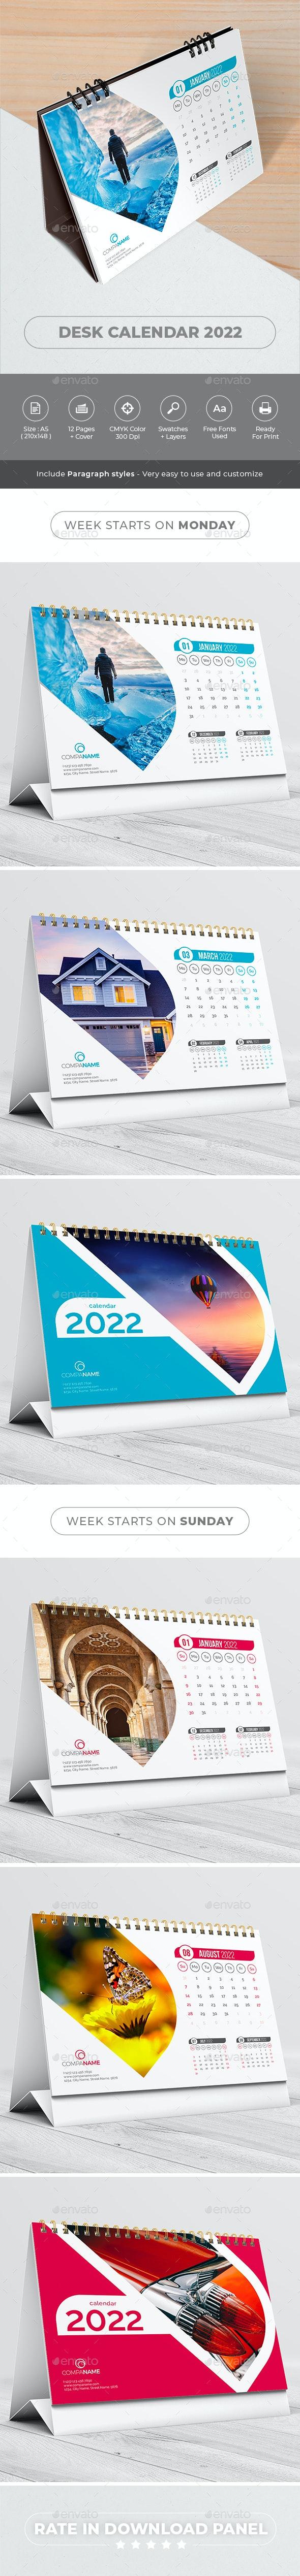 Desk Calendar 2022 - Calendars Stationery